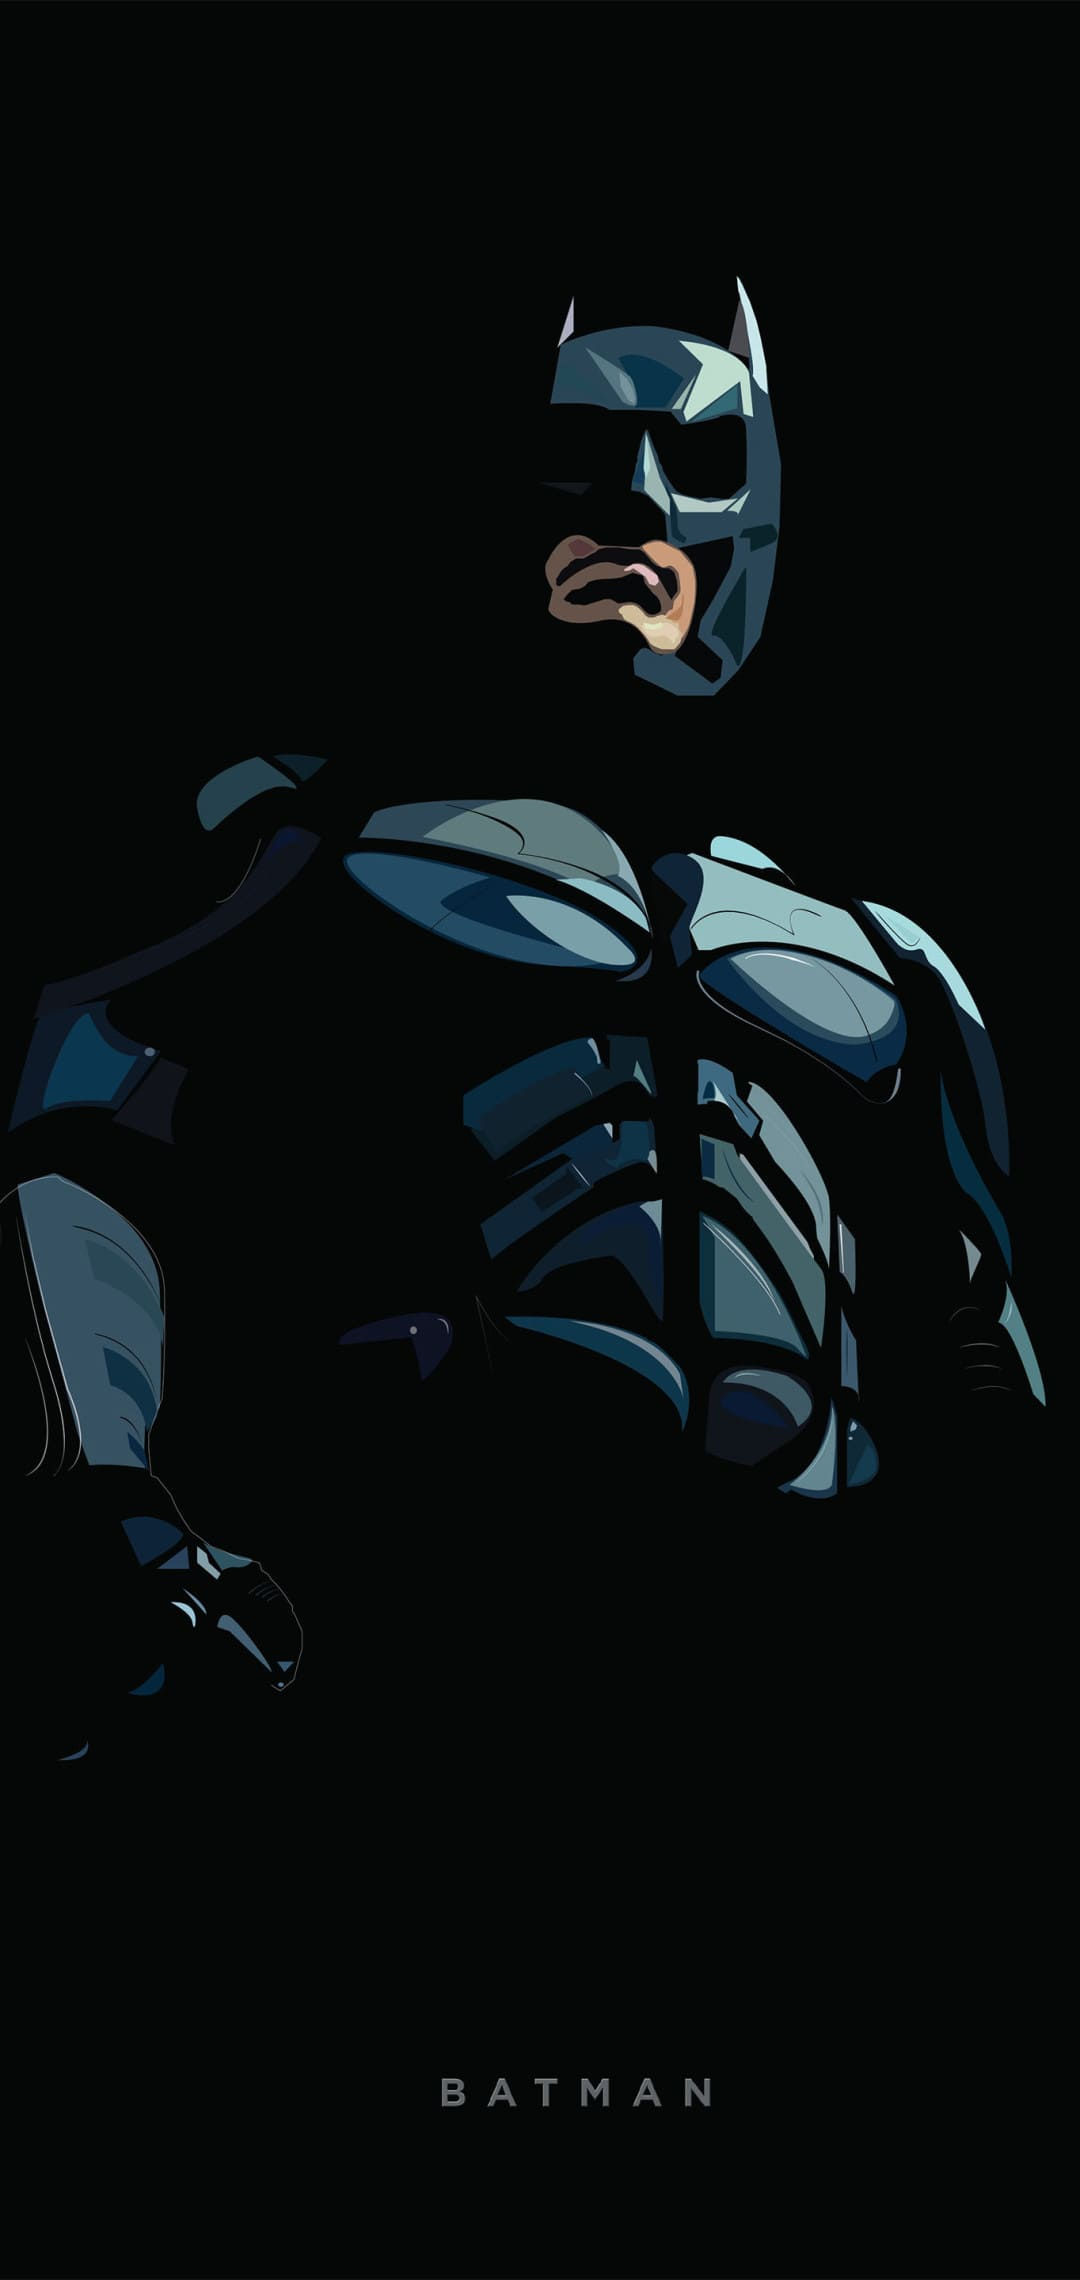 Batman Wallpapers Top Free Batman Wallpaper Download Hd